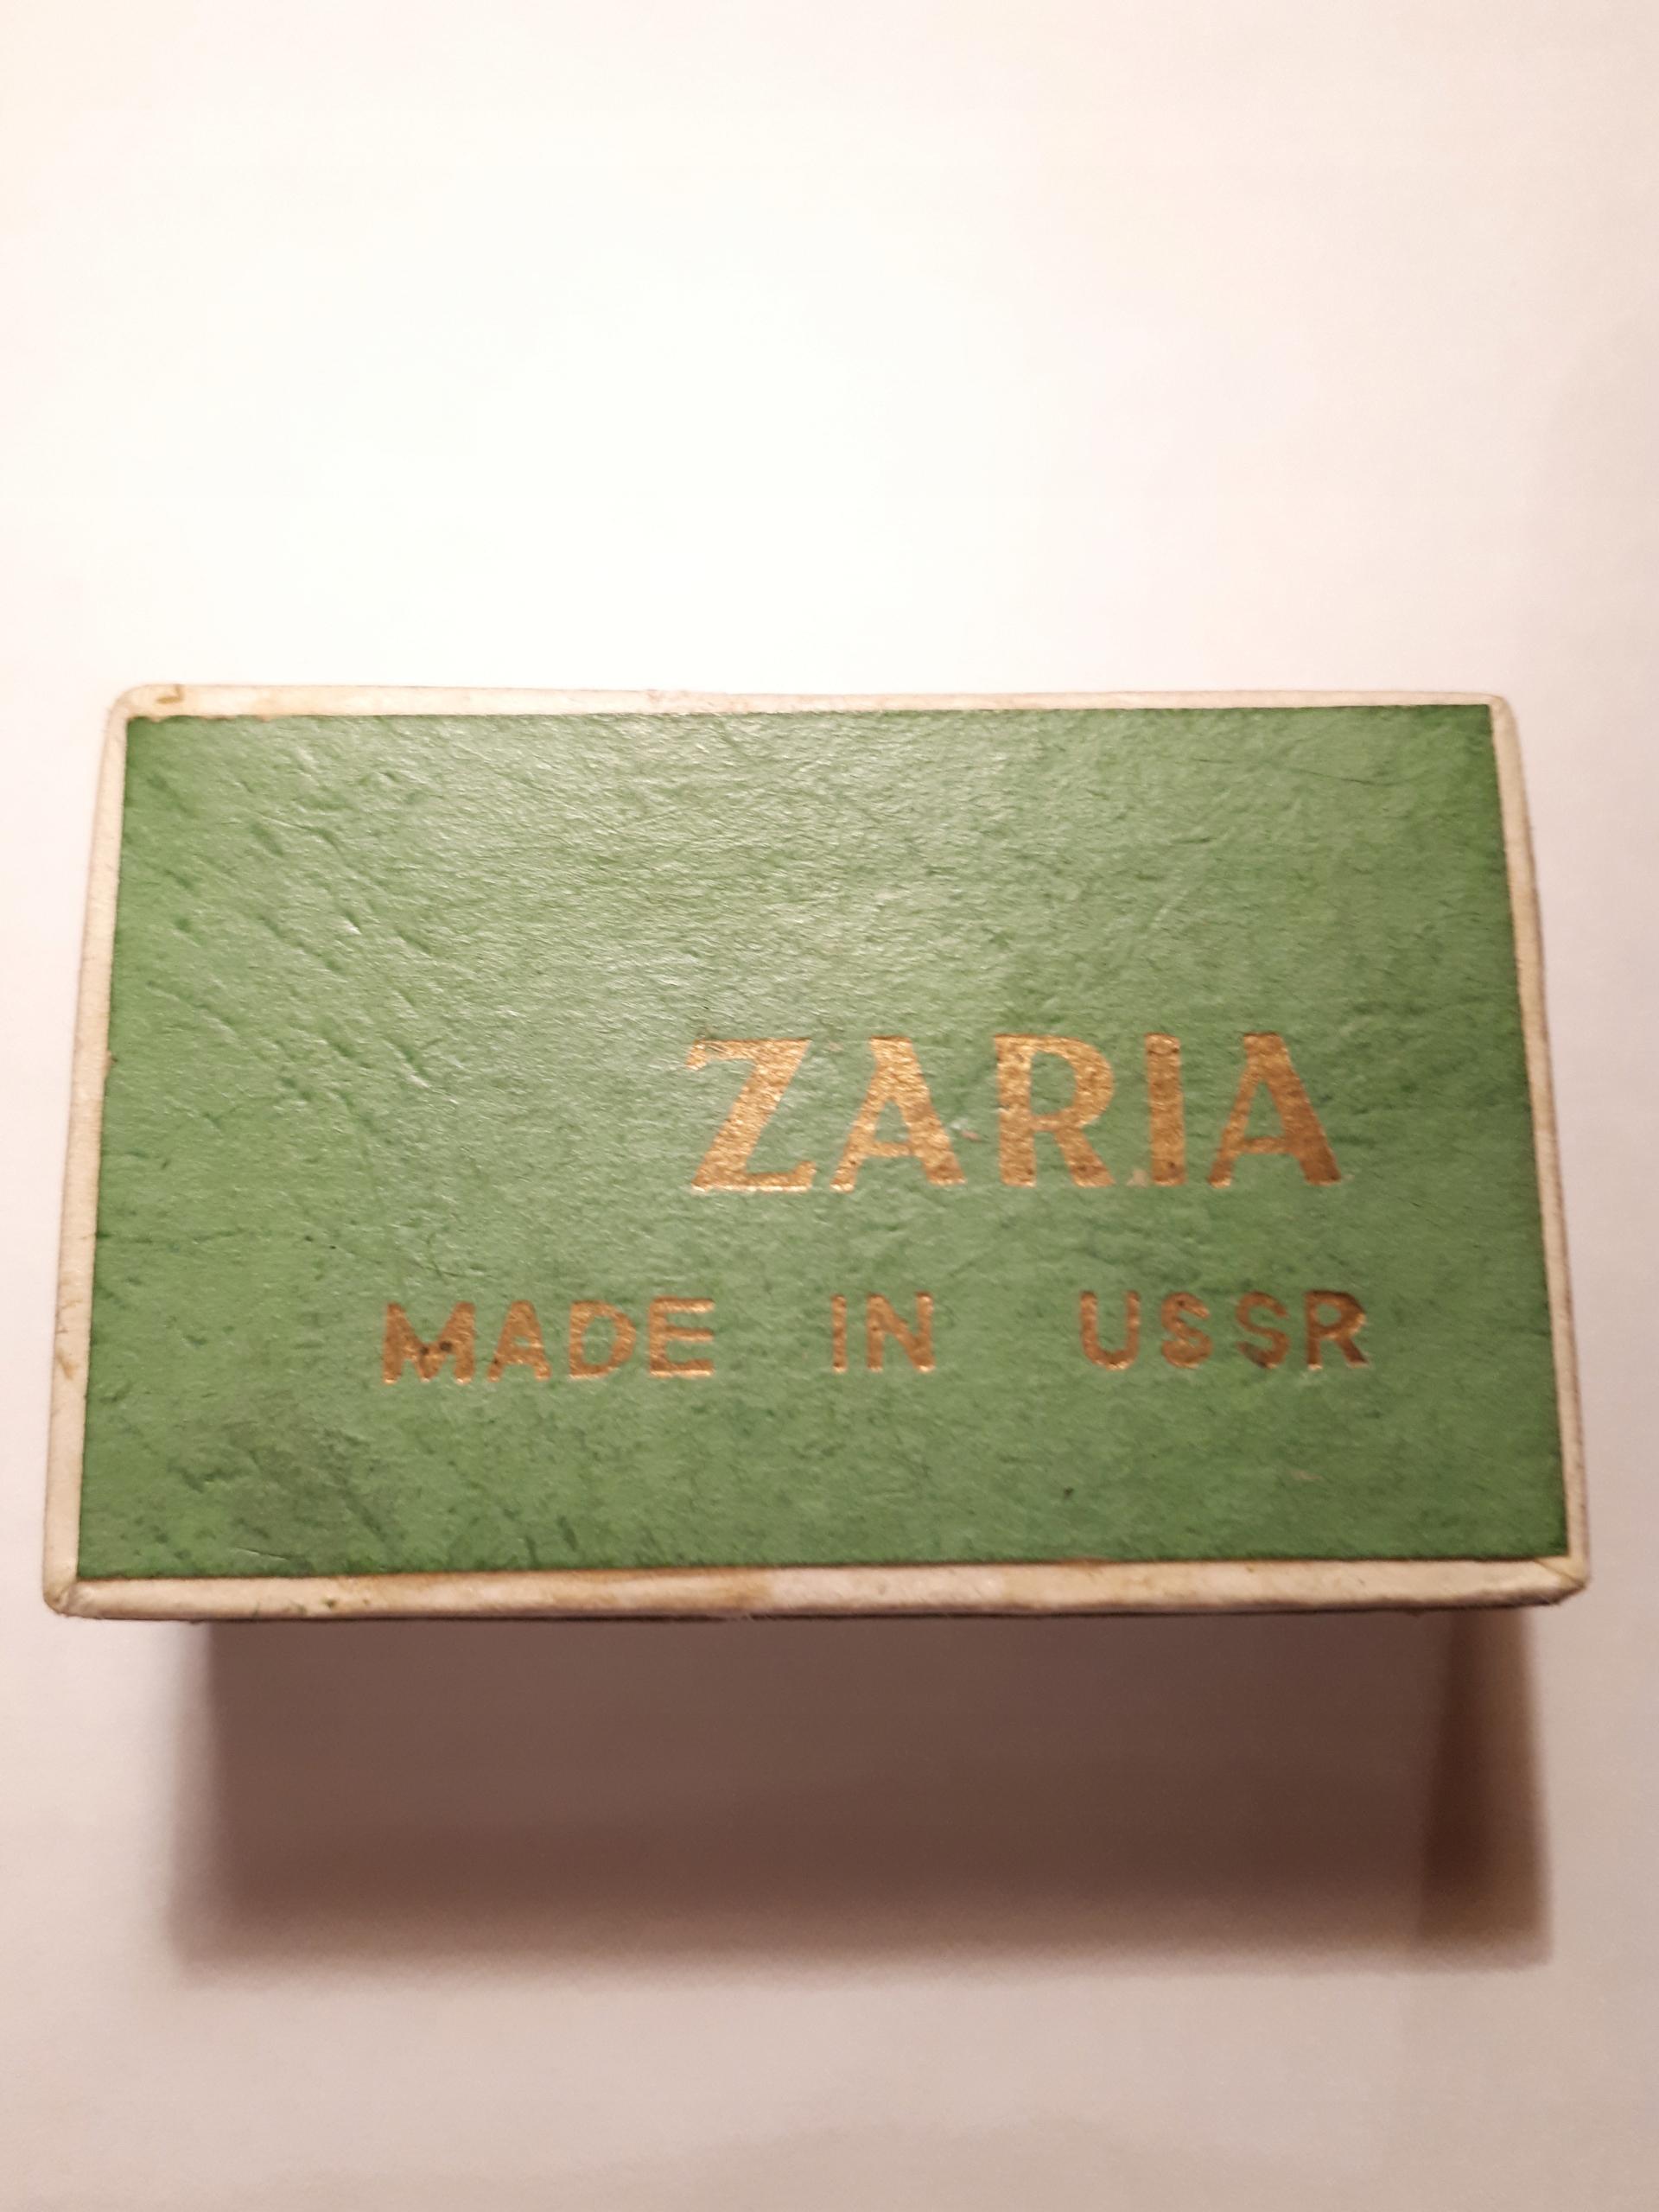 Pudełko na zegarek Zaria USSR oryginał PRL